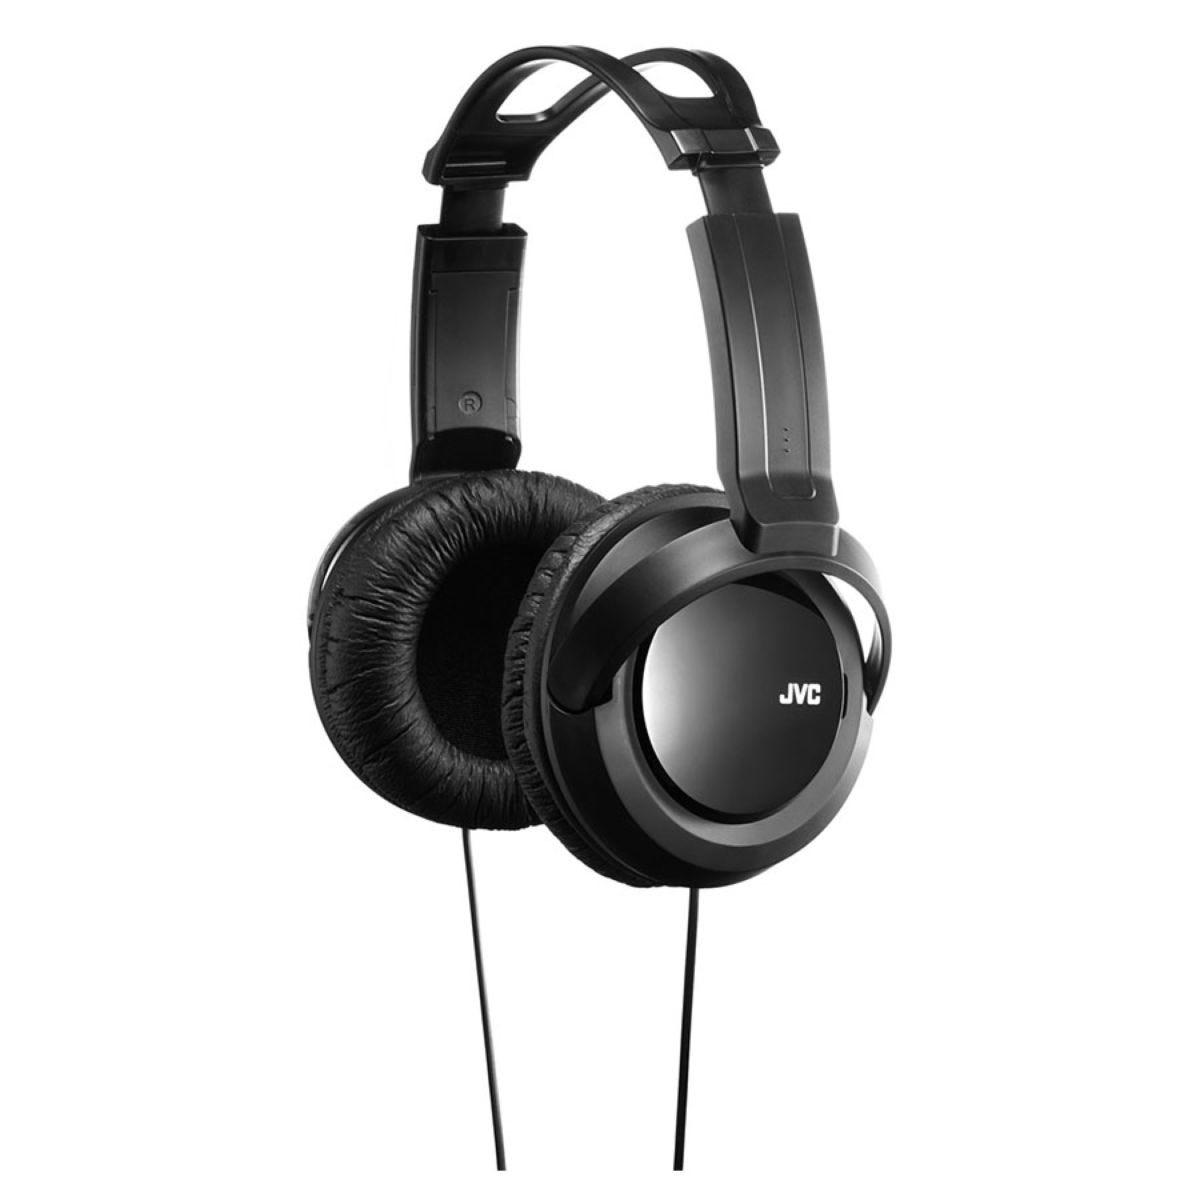 JVC Black Over Ear Deep Bass Headphones